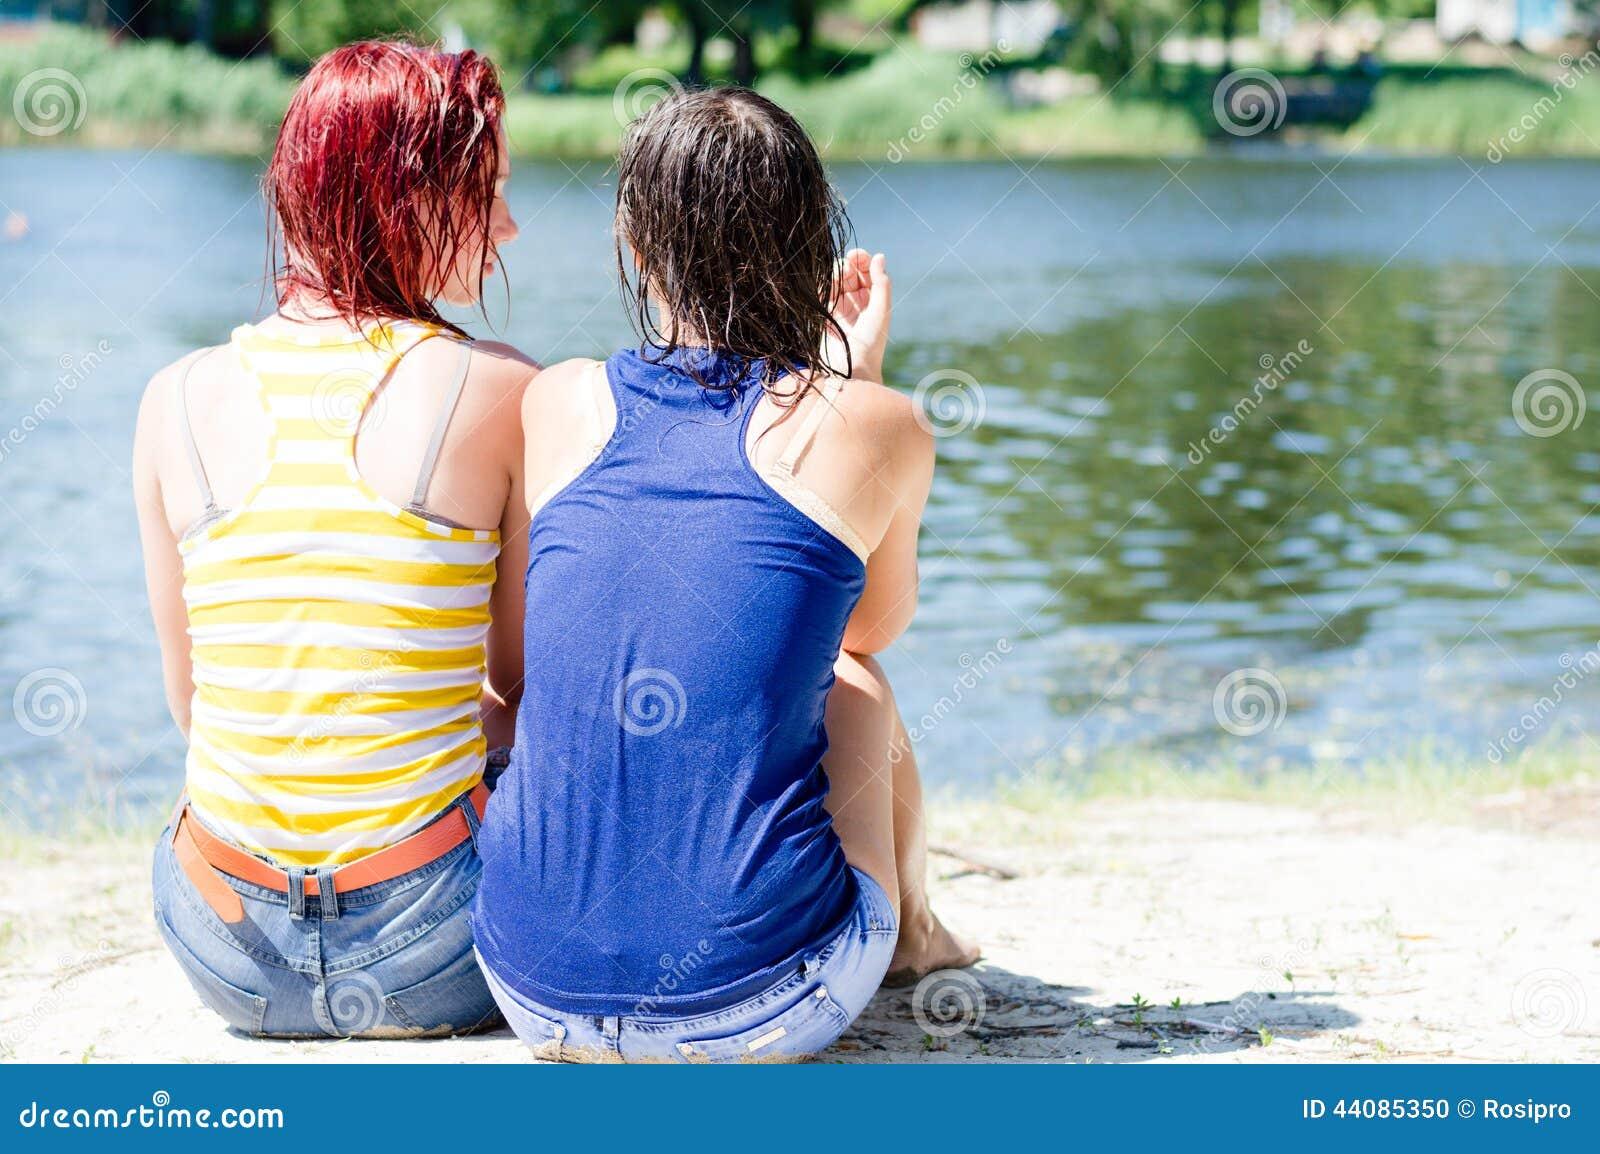 https://thumbs.dreamstime.com/z/belle-amiche-camice-bagnate-dell-abbigliamento-divertendosi-seduta-di-rilassamento-sulla-banca-del-fiume-sulla-spiaggia-44085350.jpg